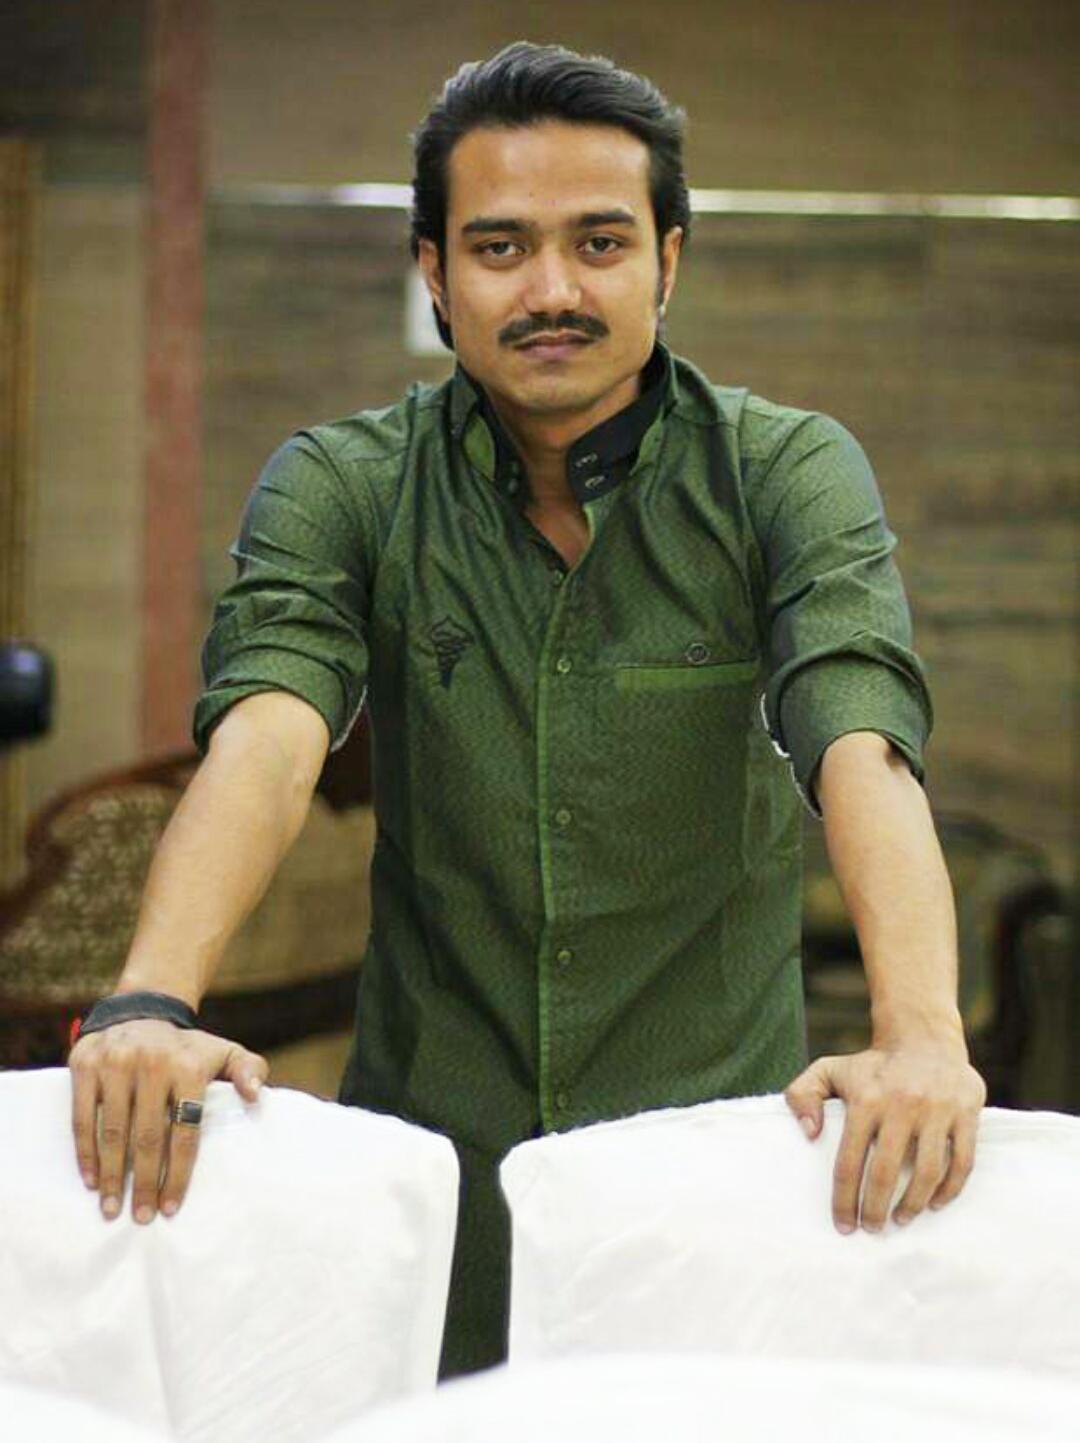 Saiful Islam Shuvo